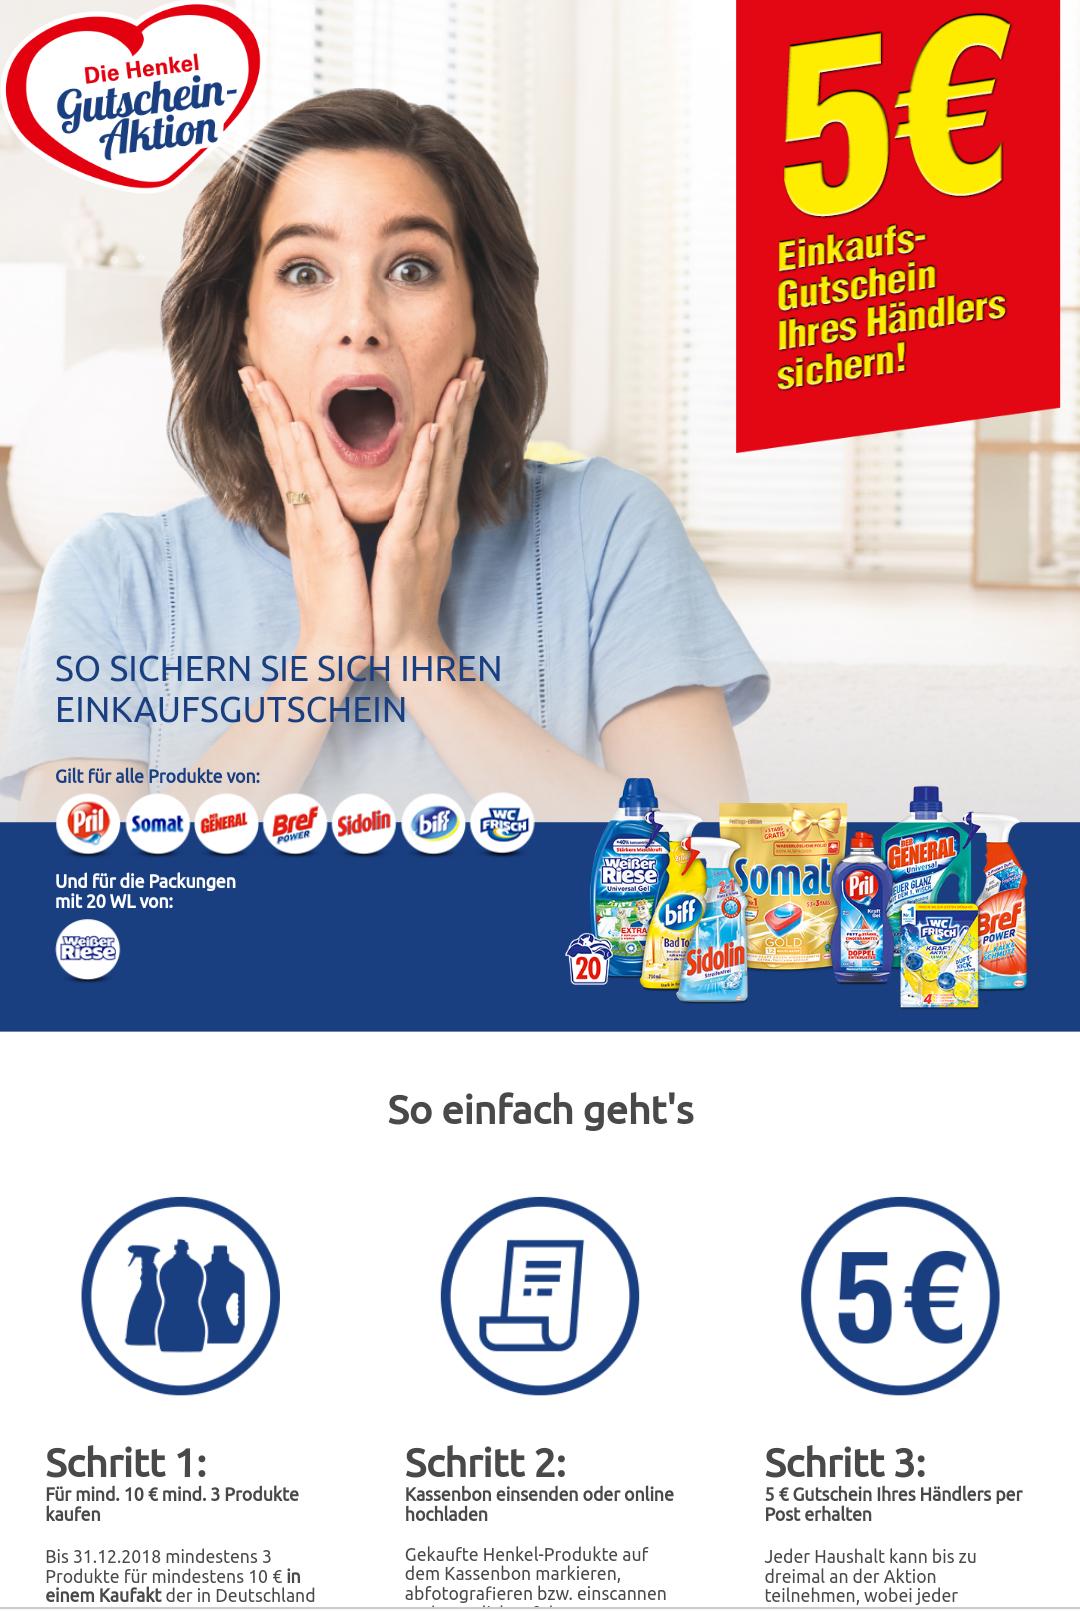 Henkel Gutschein-Aktion 5 Euro Einkaufsgutschein geschenkt